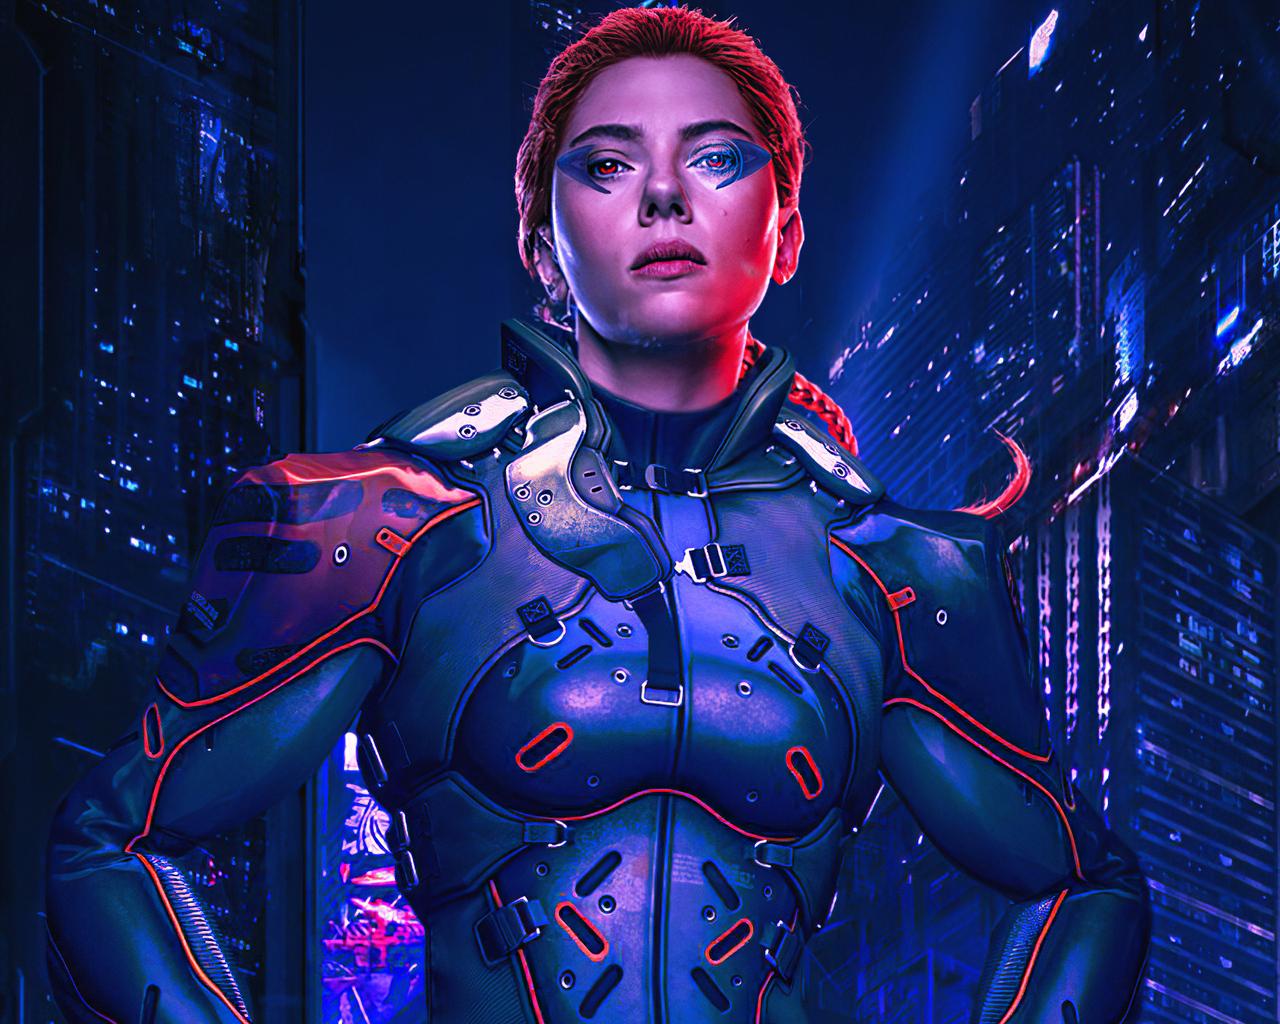 black-widow-cyberpunk-4k-v6.jpg